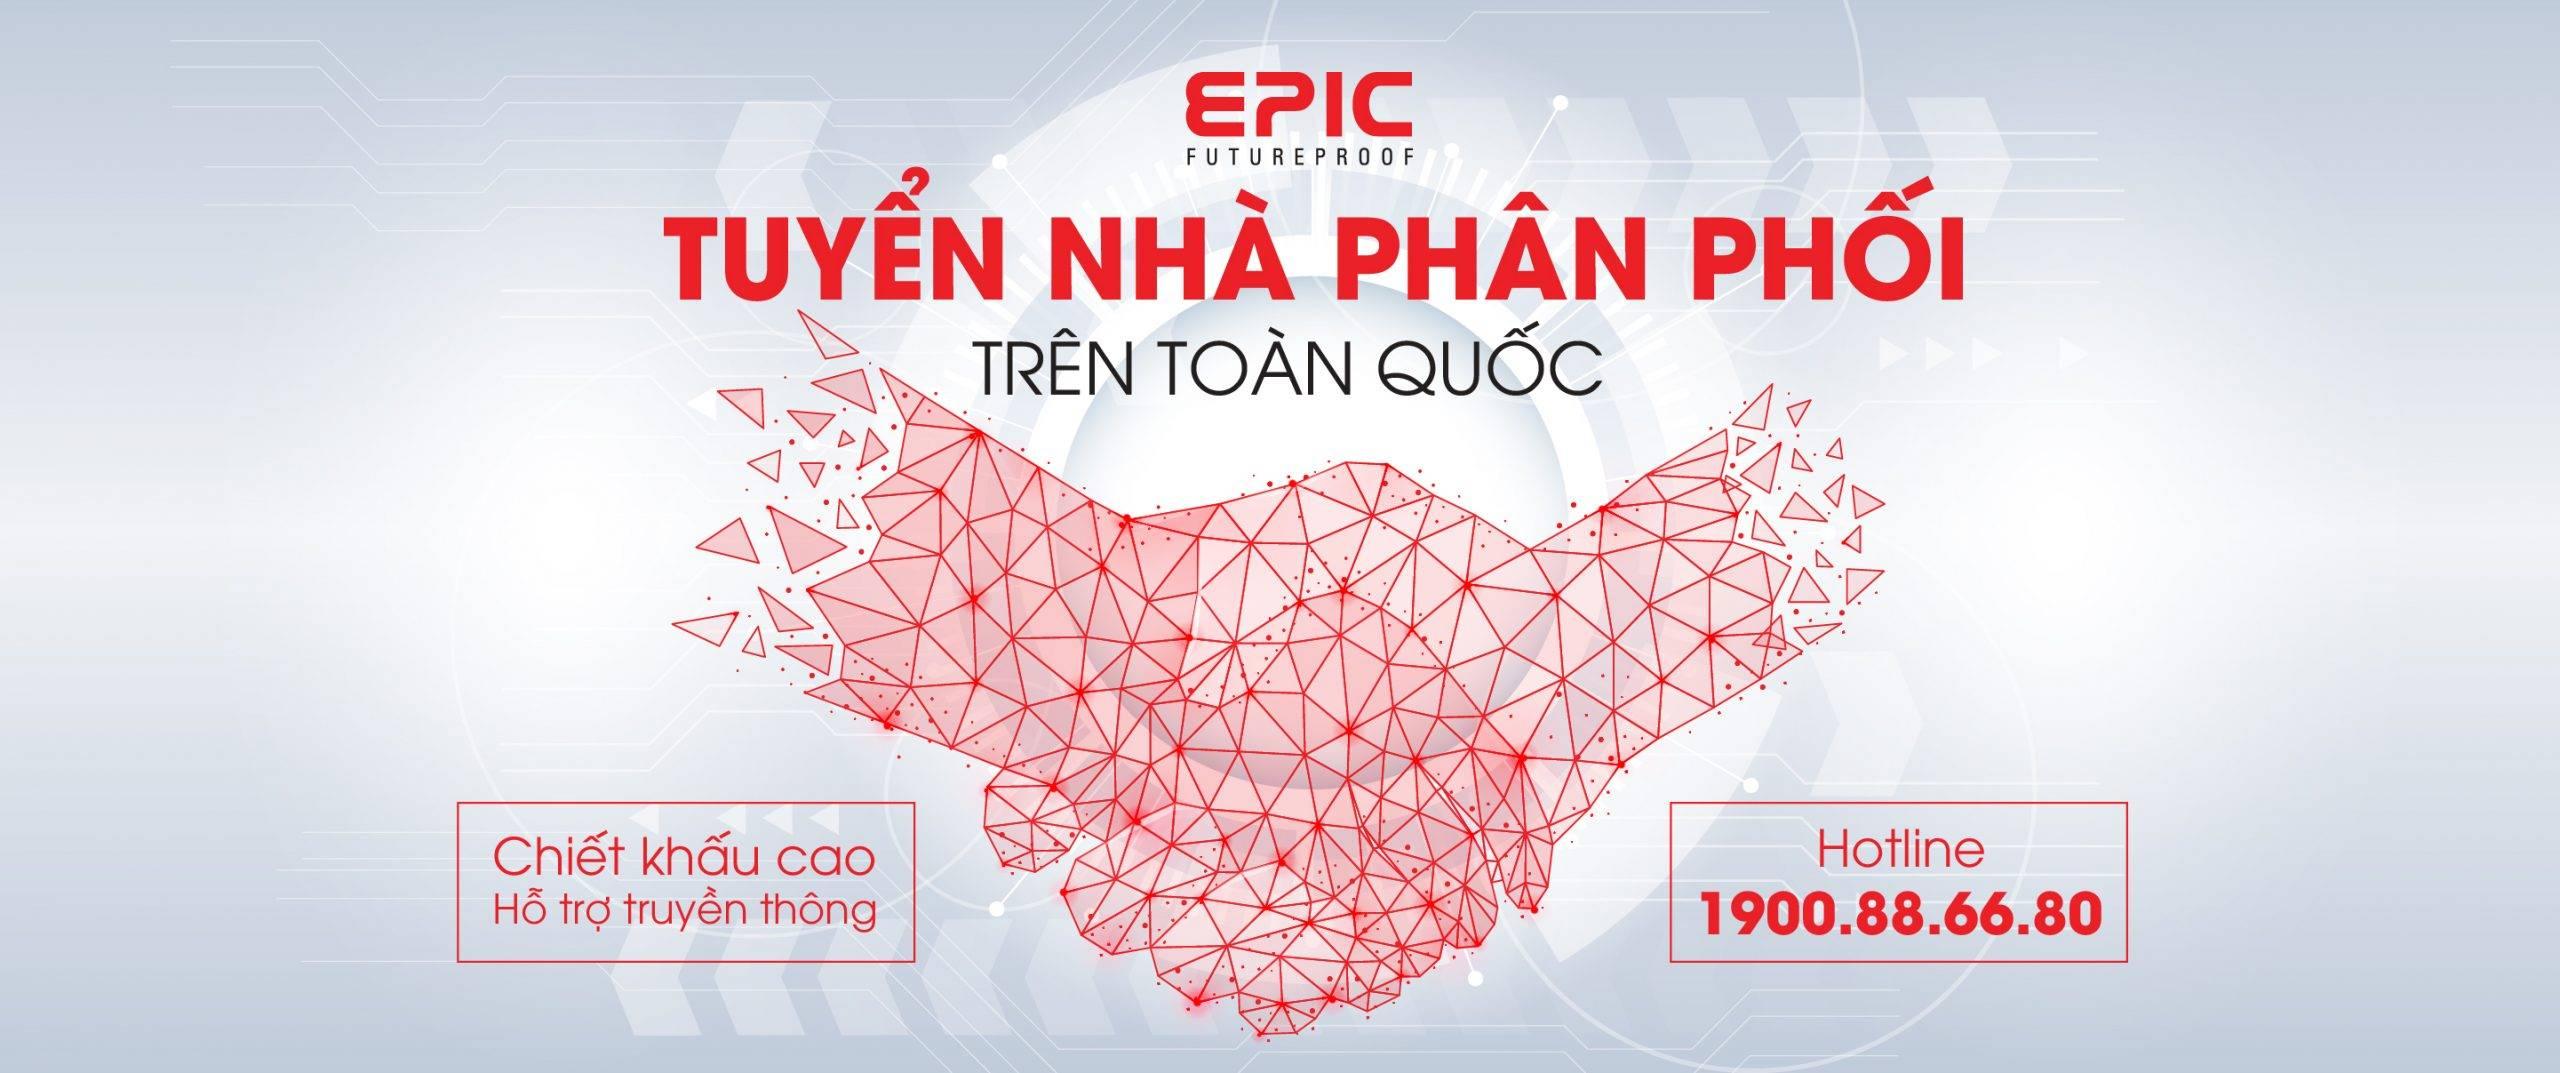 khoa-cua-dien-tu-epic-tuyen-nha-phan-phoi